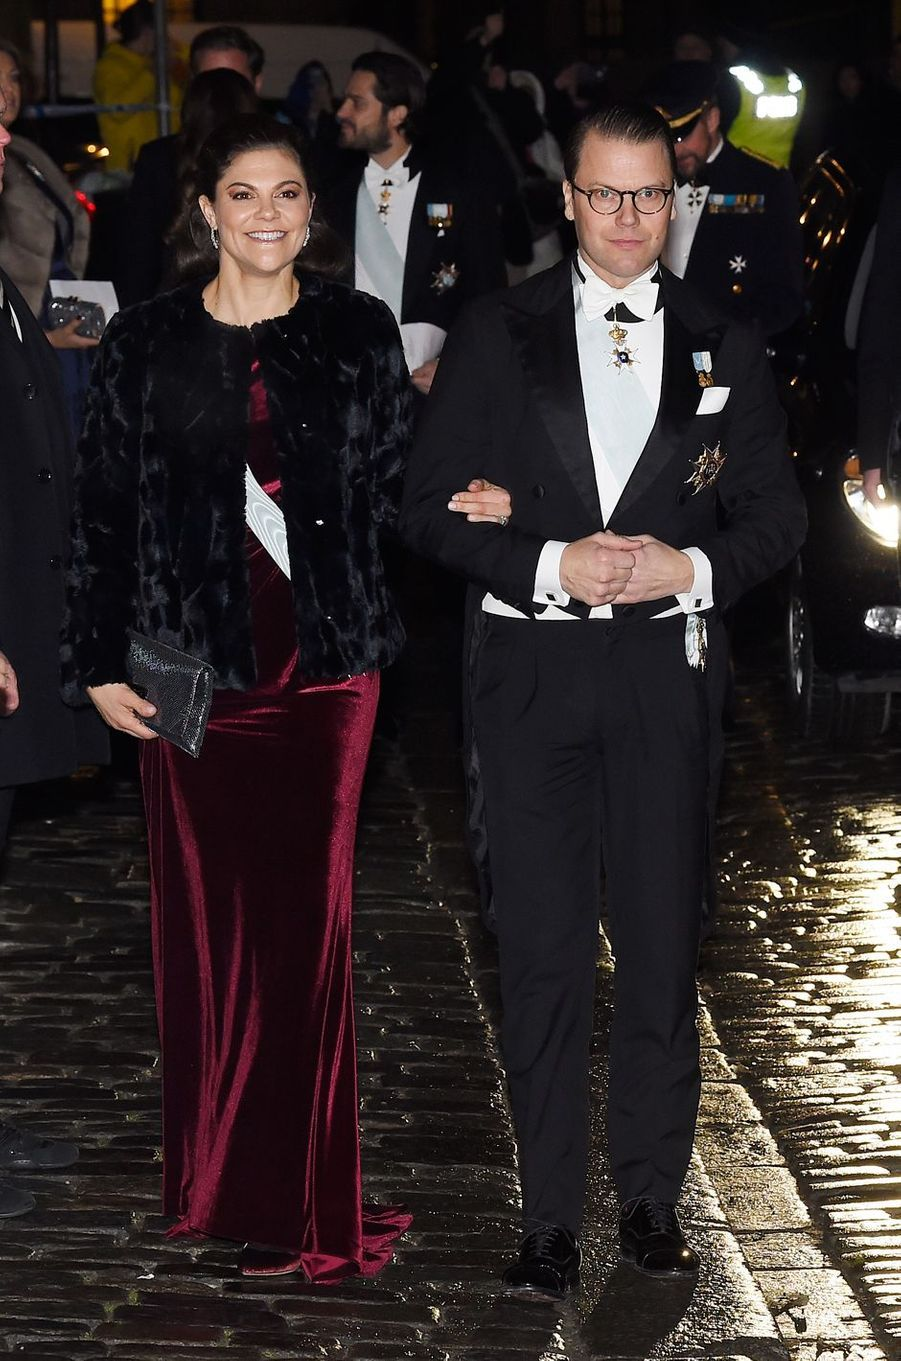 La princesse Victoria de Suède et le prince consort Daniel à Stockholm, le 20 décembre 2017